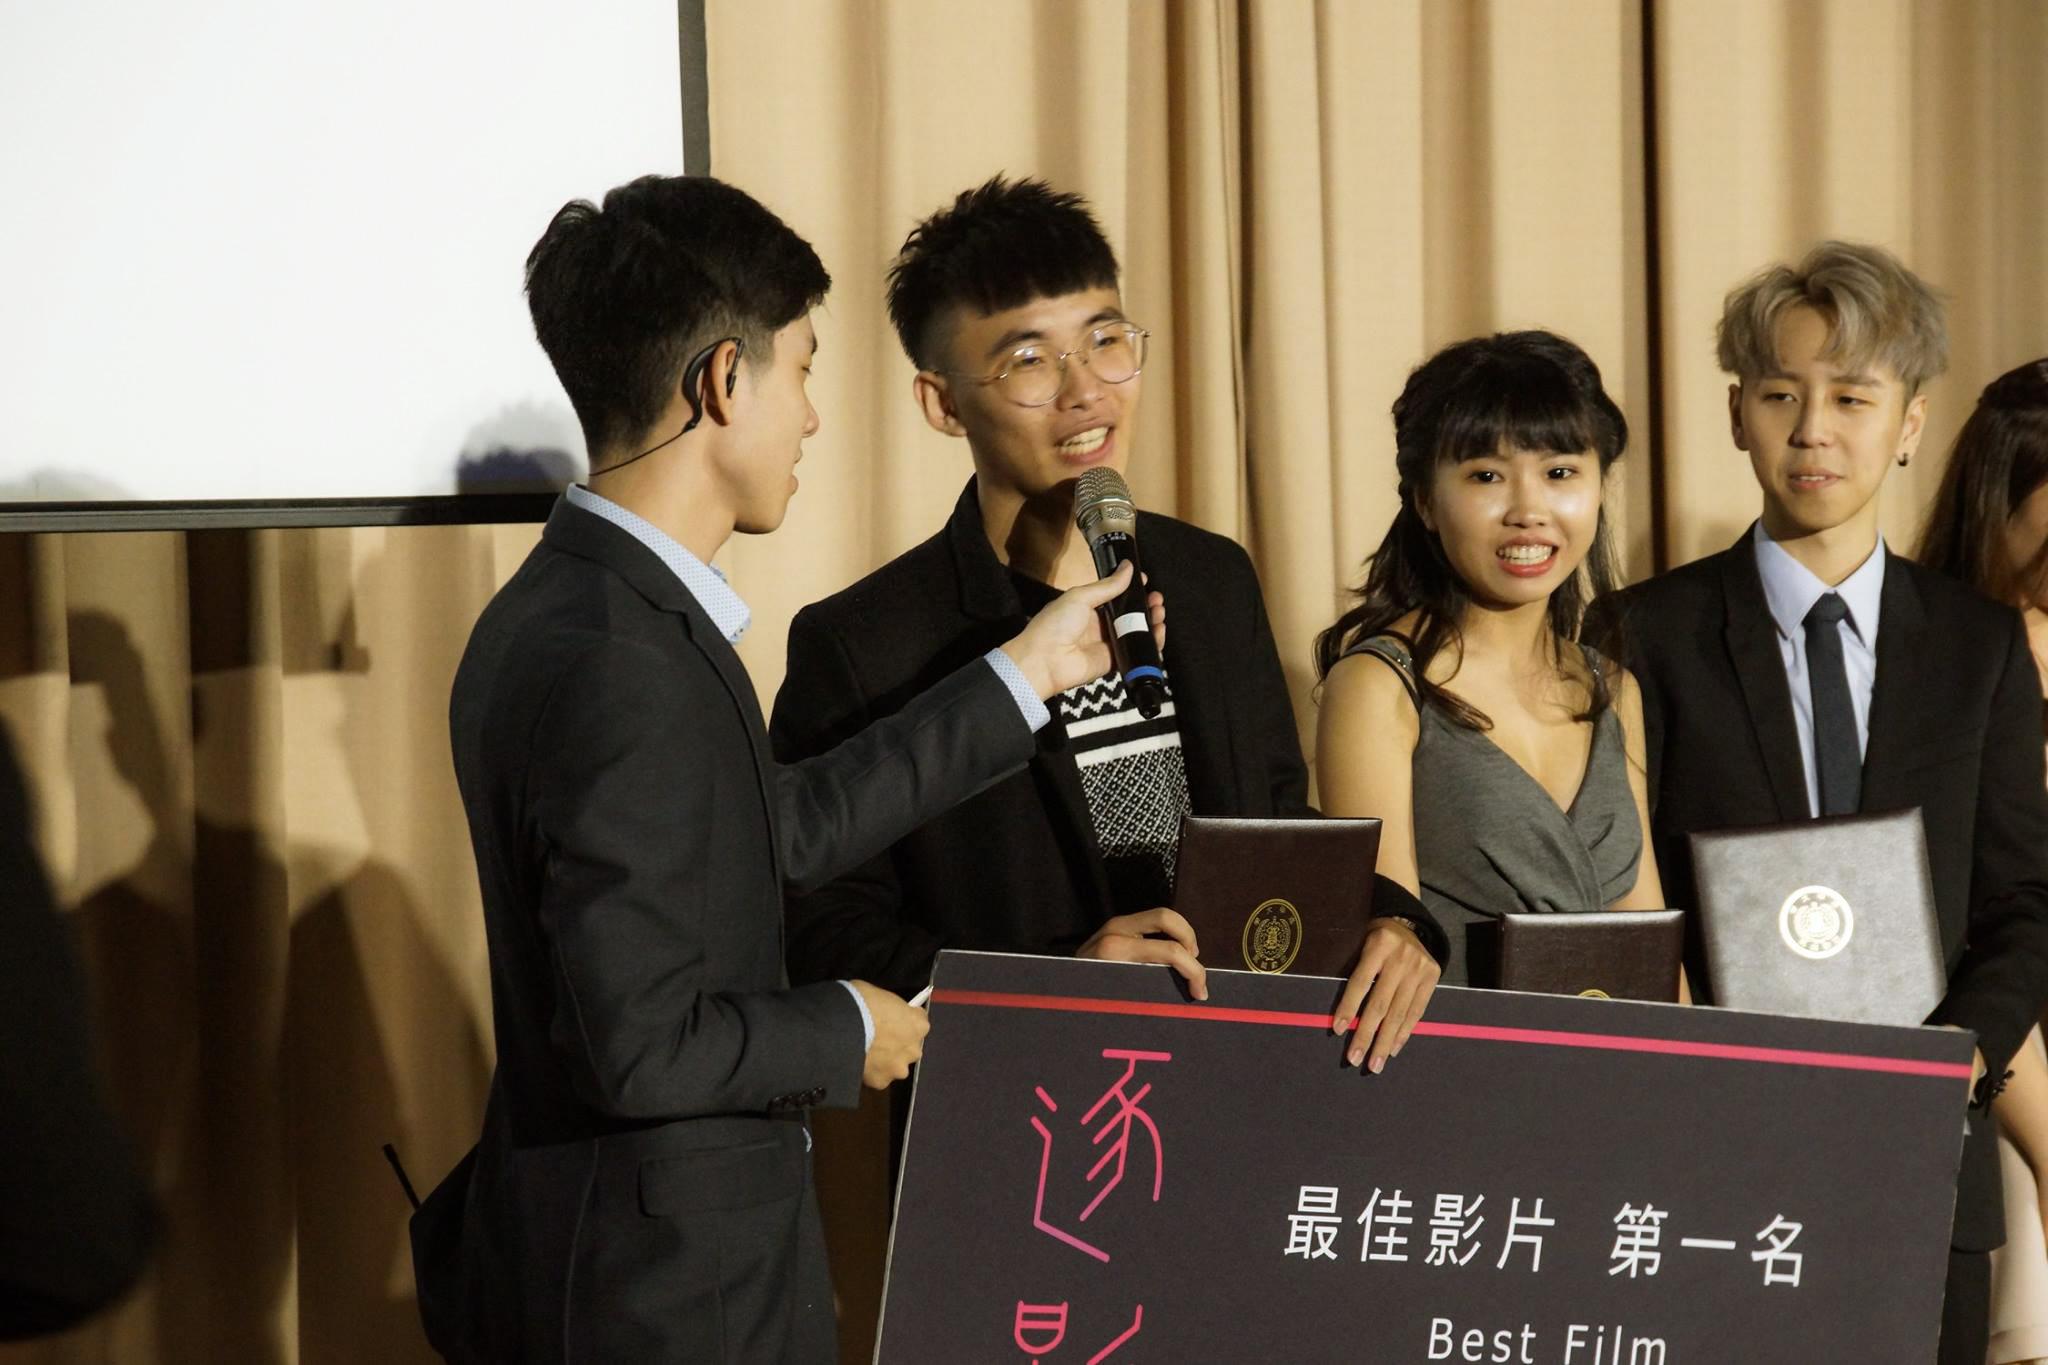 影片獲得企劃第一,口頭報告第一,影片第一以及總冠軍的殊榮